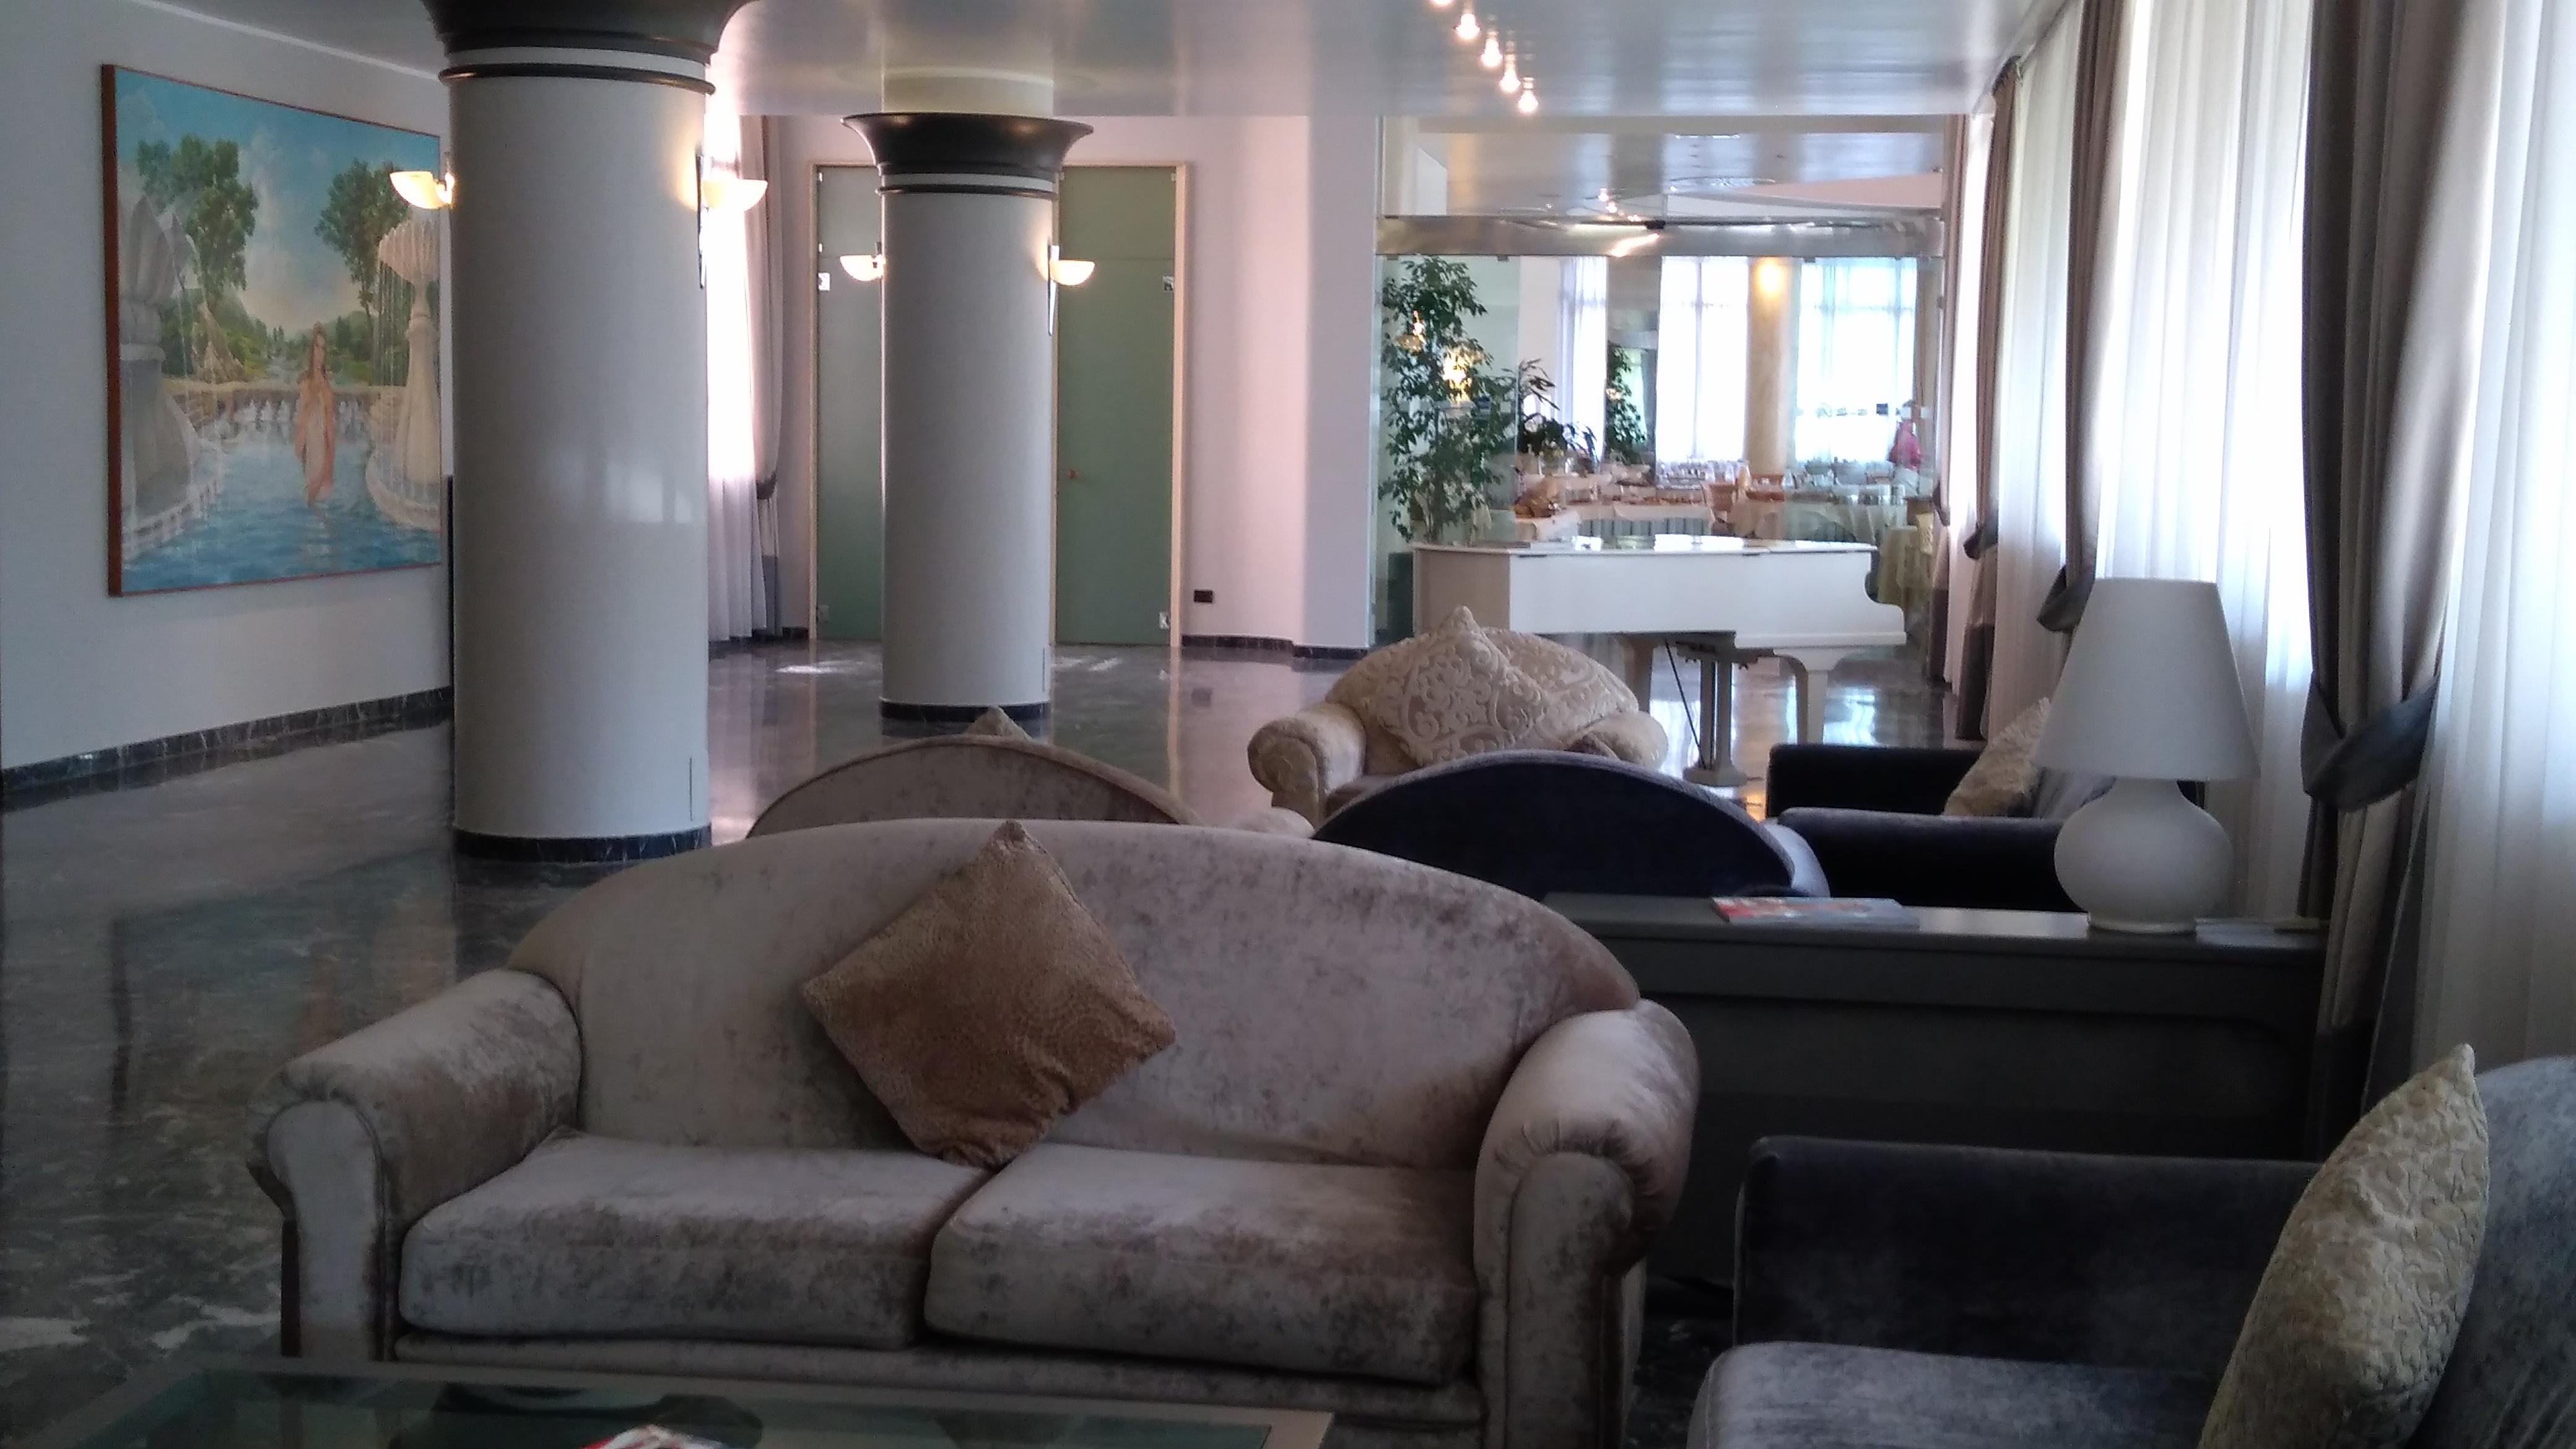 pulizie in hotel